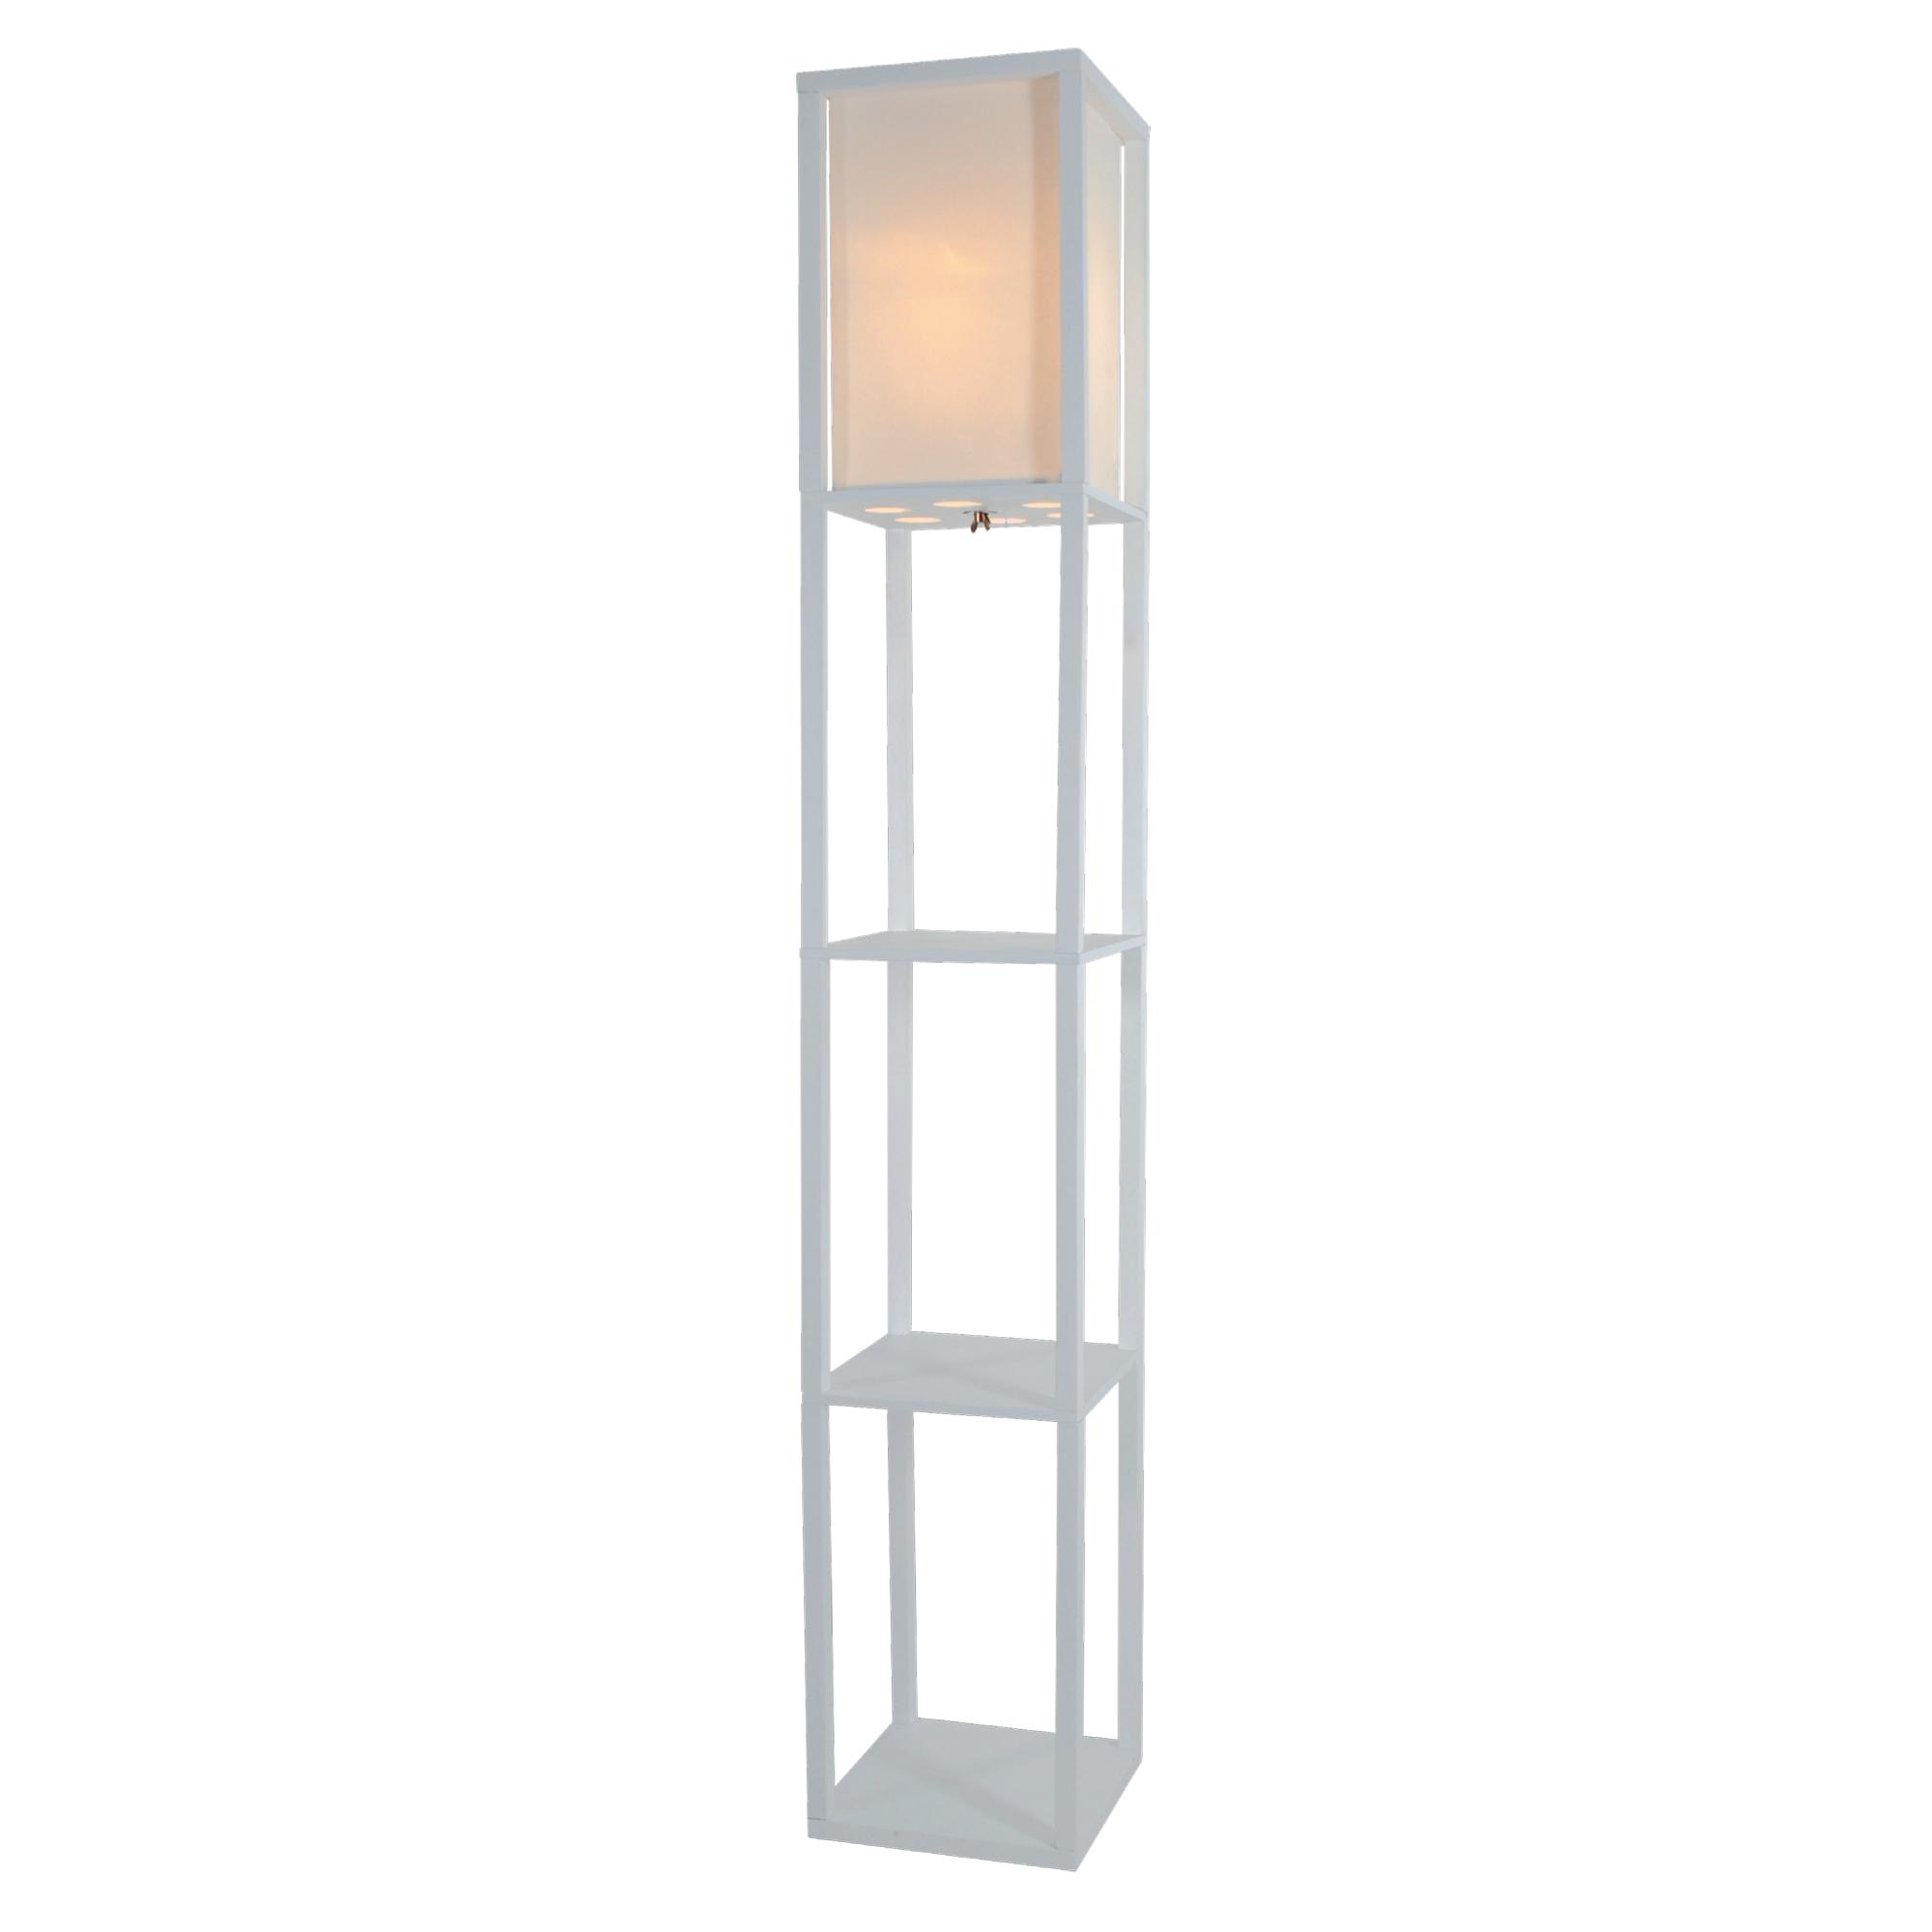 Wooden Shelves Floor Lamp With White Linen Shade White